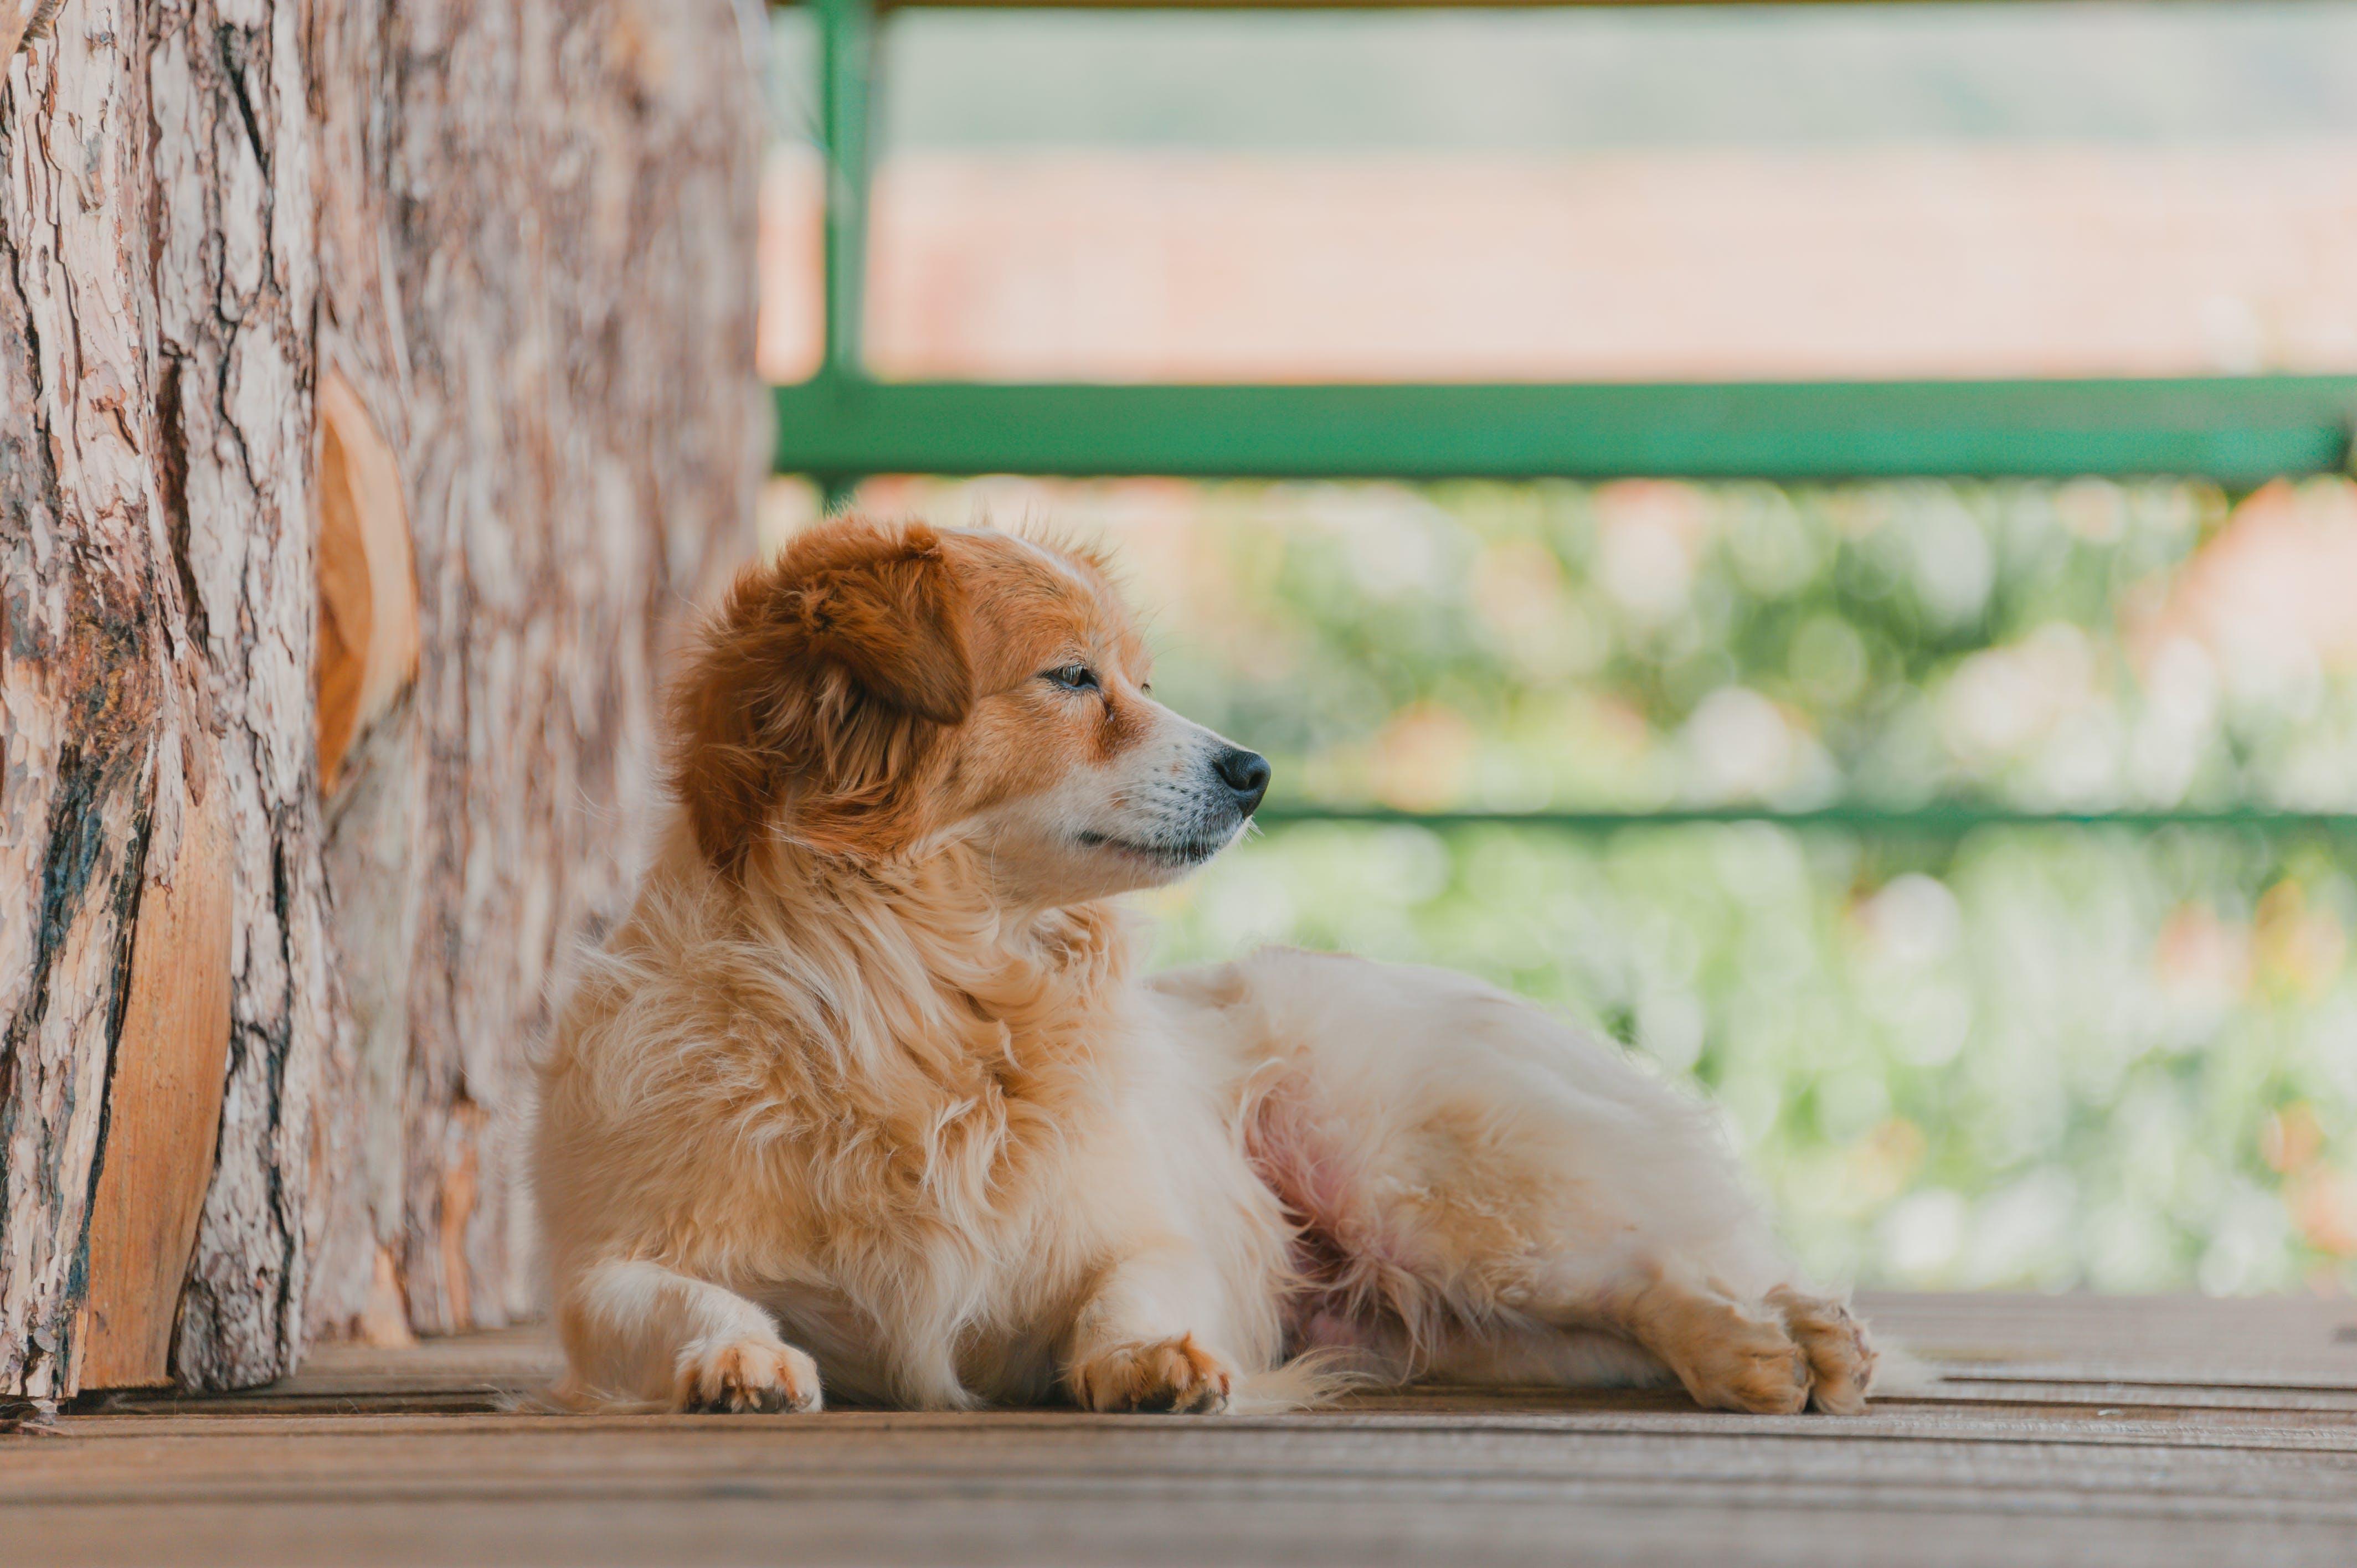 Puppy On Brown Wood Deck